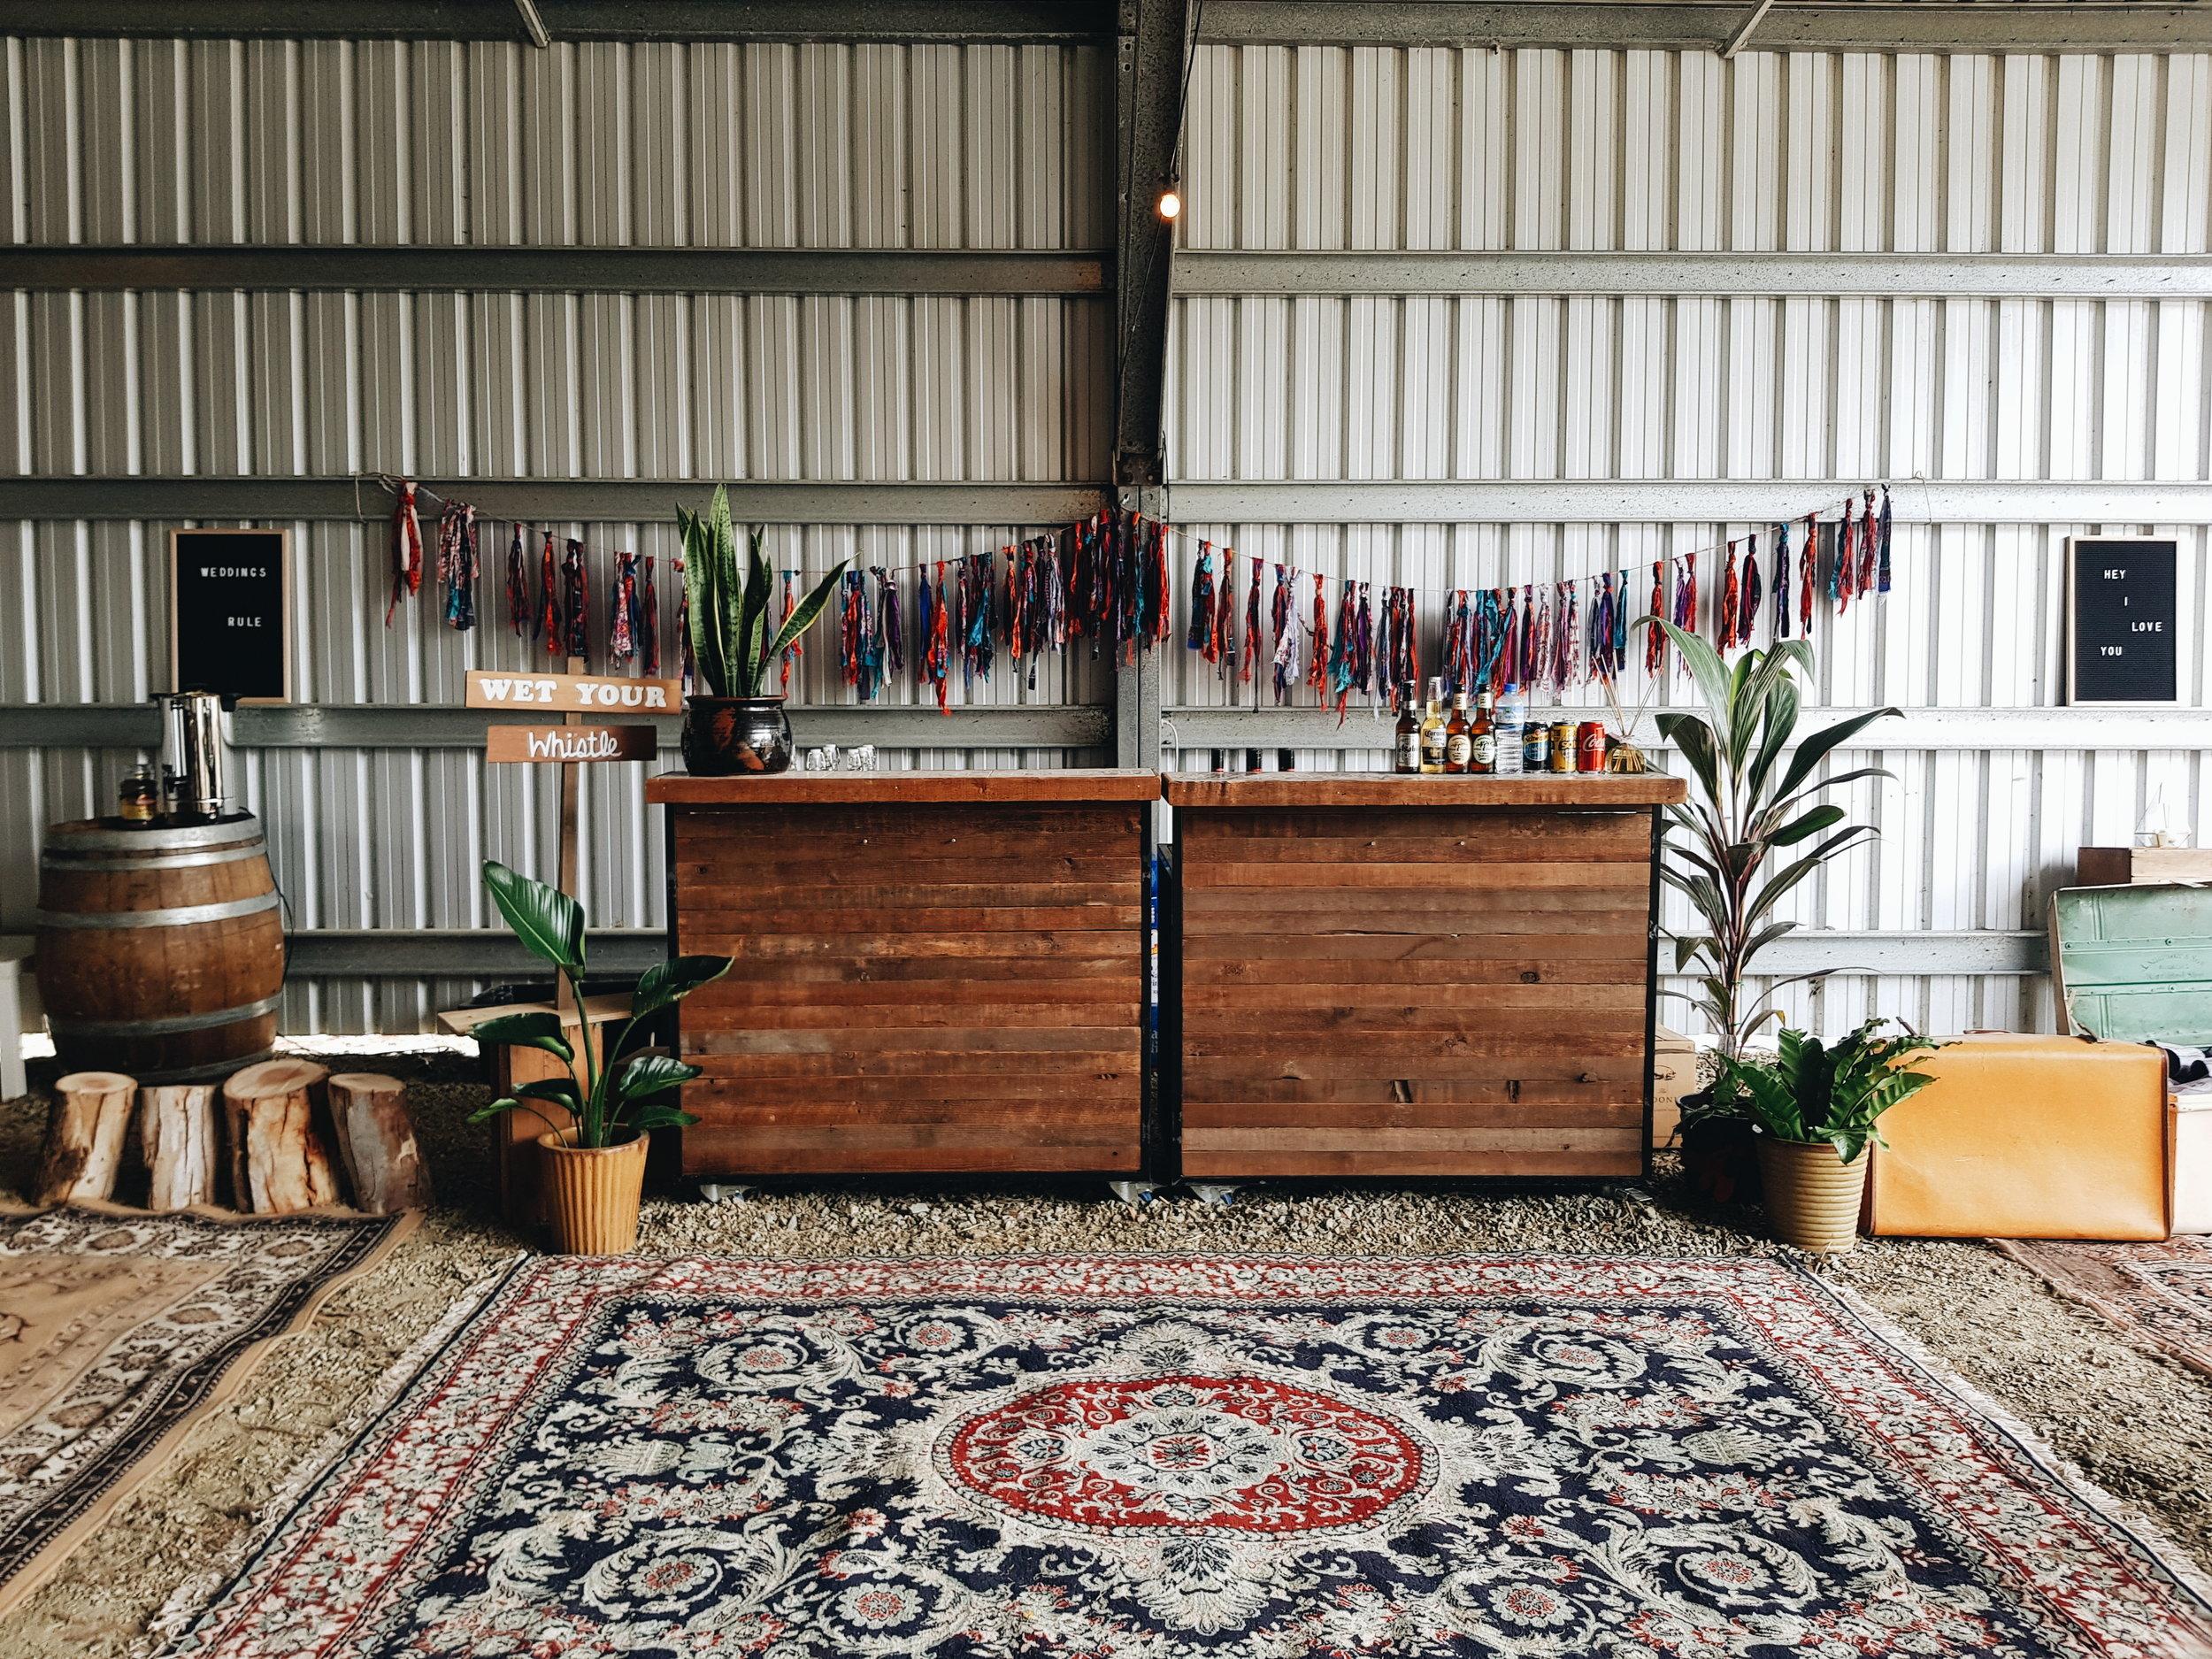 Moroccan Tiled Bars